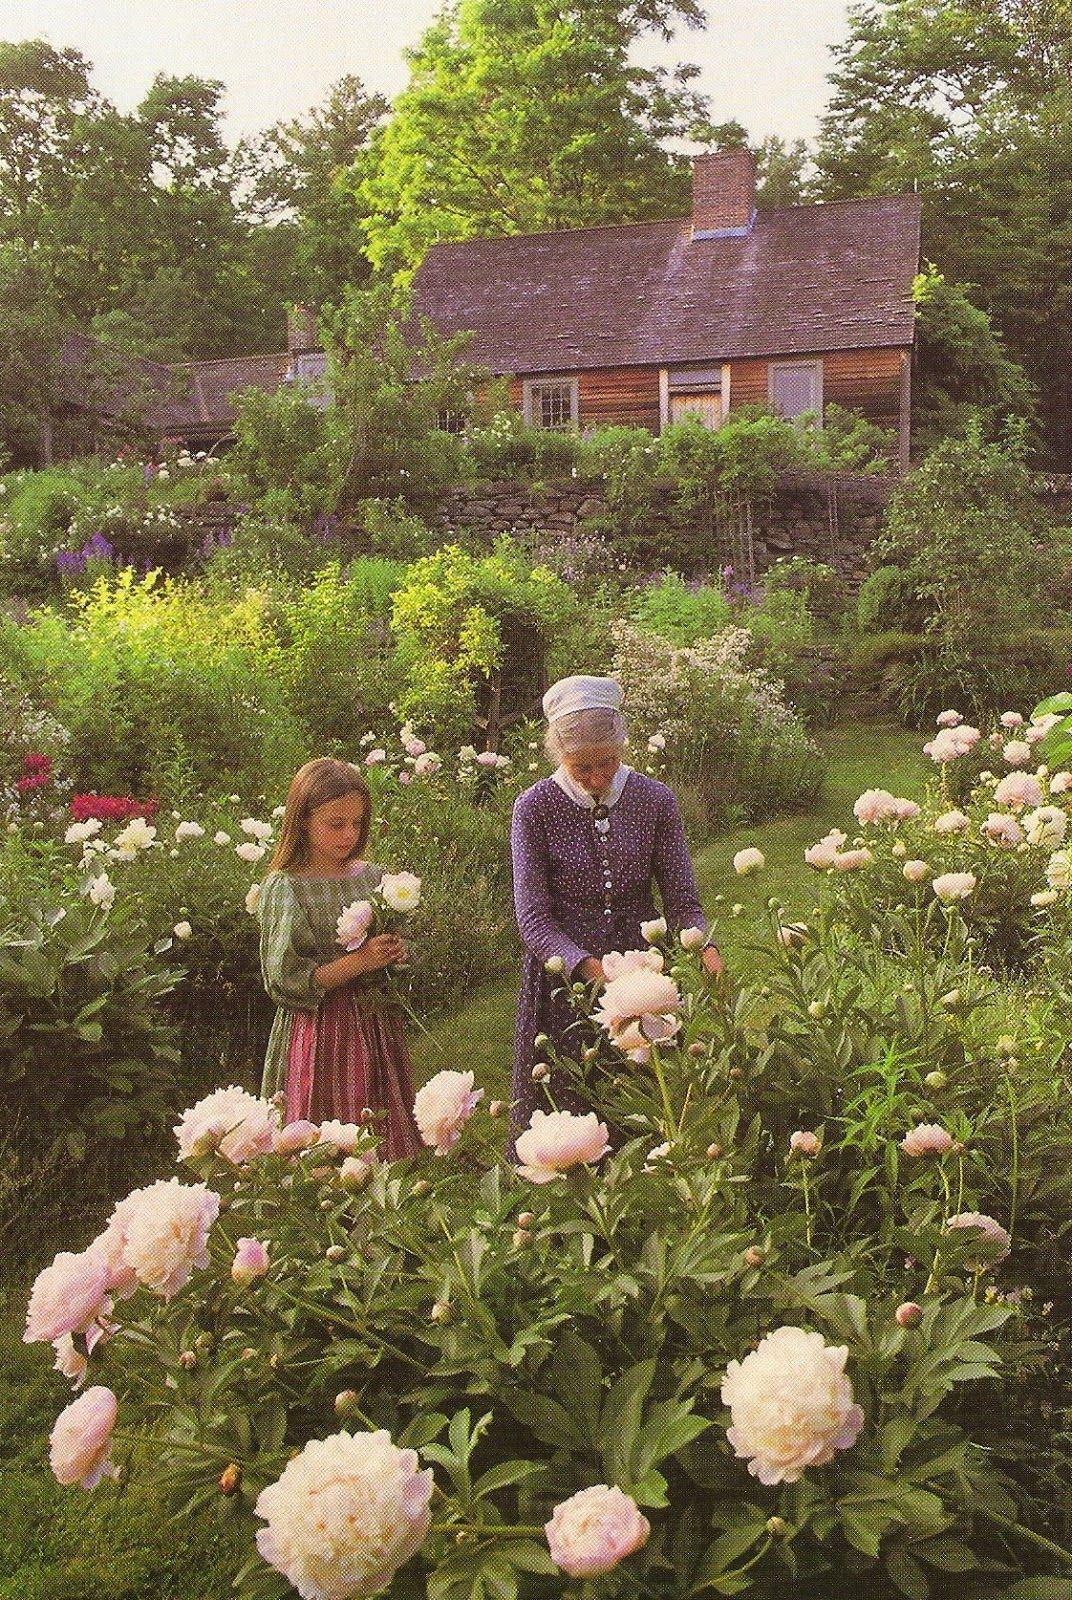 Cuộc sống an yên của cụ bà 92 tuổi bên khu vườn tự tay trồng hoa, rau quả ở vùng thôn quê - Ảnh 15.